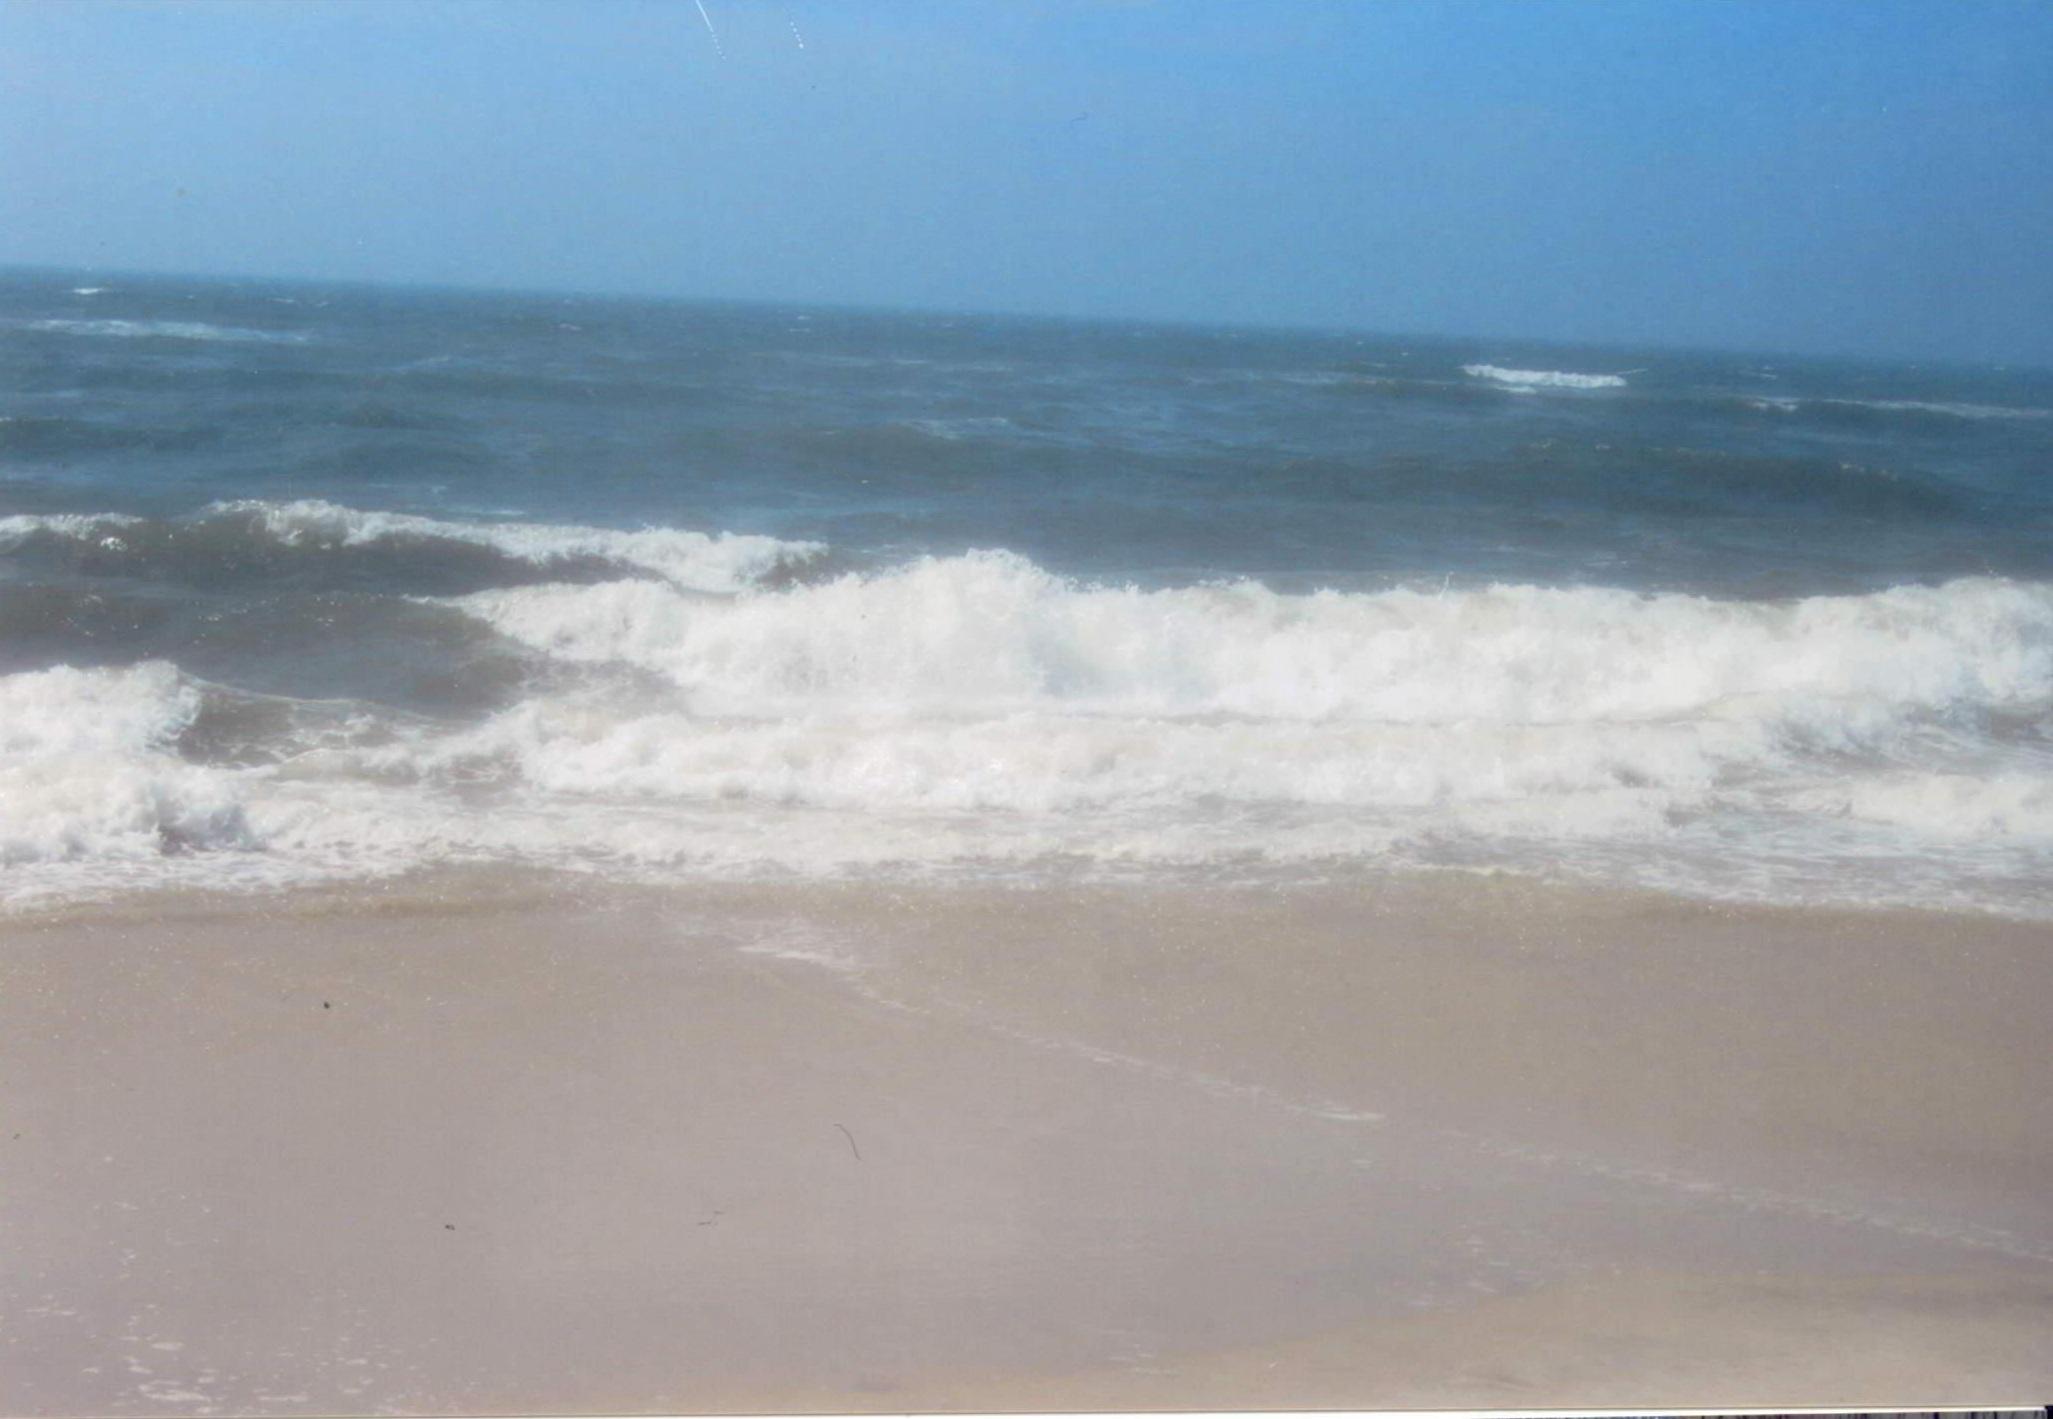 Lina D'Uva accompagnata dalla luce di DIO UNIVERSALE è andata al mare. Sulla sabbia e l' acqua è pieno di faccie che sono felici le anime di essere con lei e ci raccontano come loro si trovano nel mare.